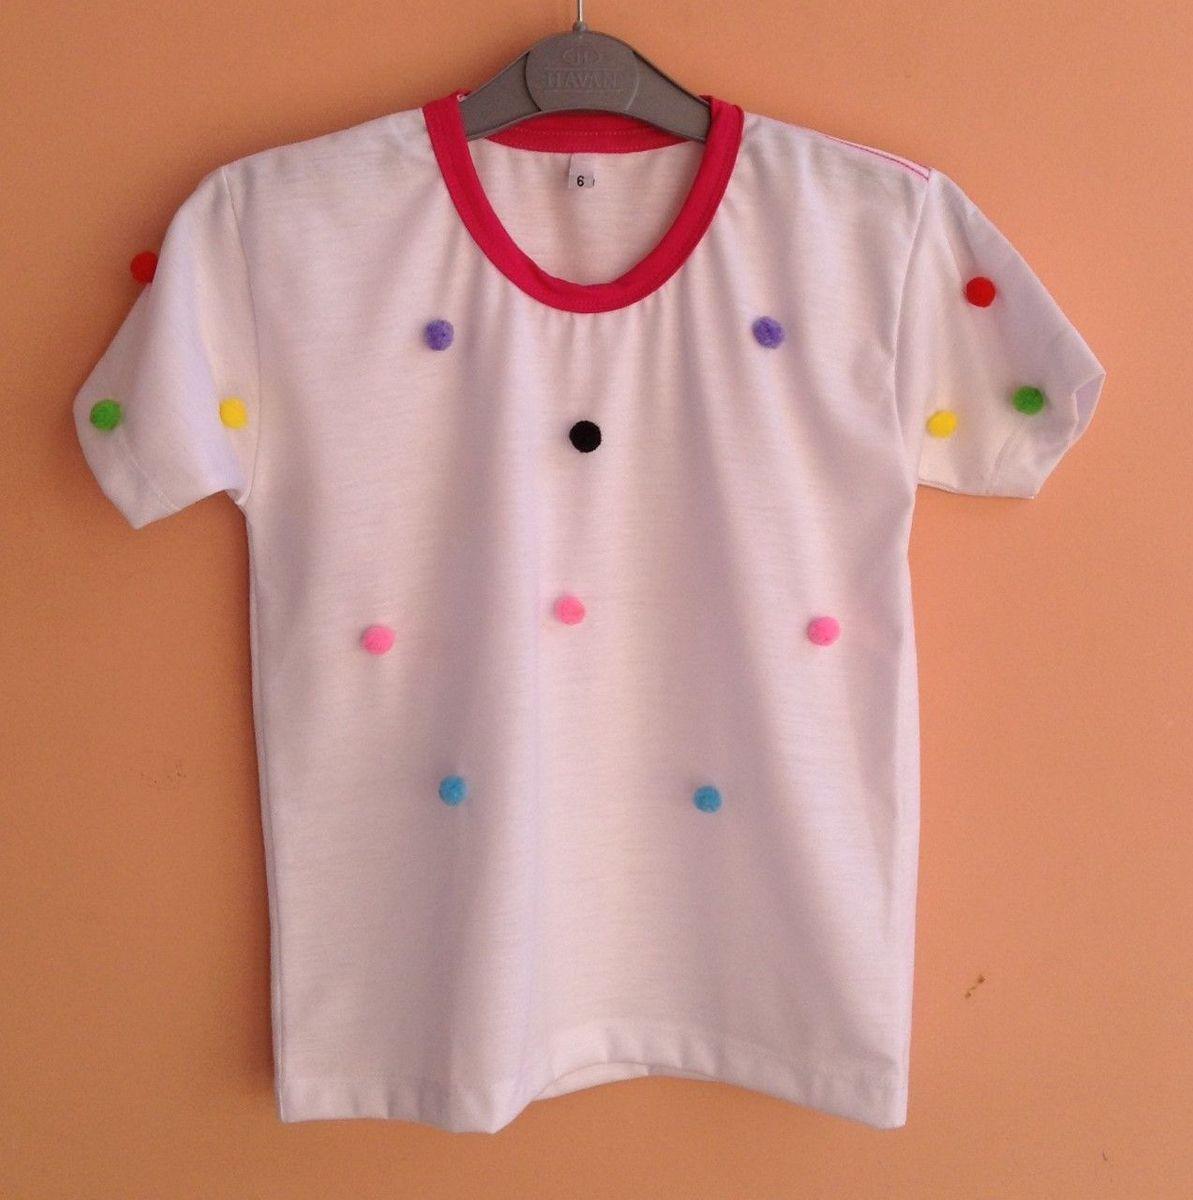 camiseta tamanho 6 - camisetas sem marca